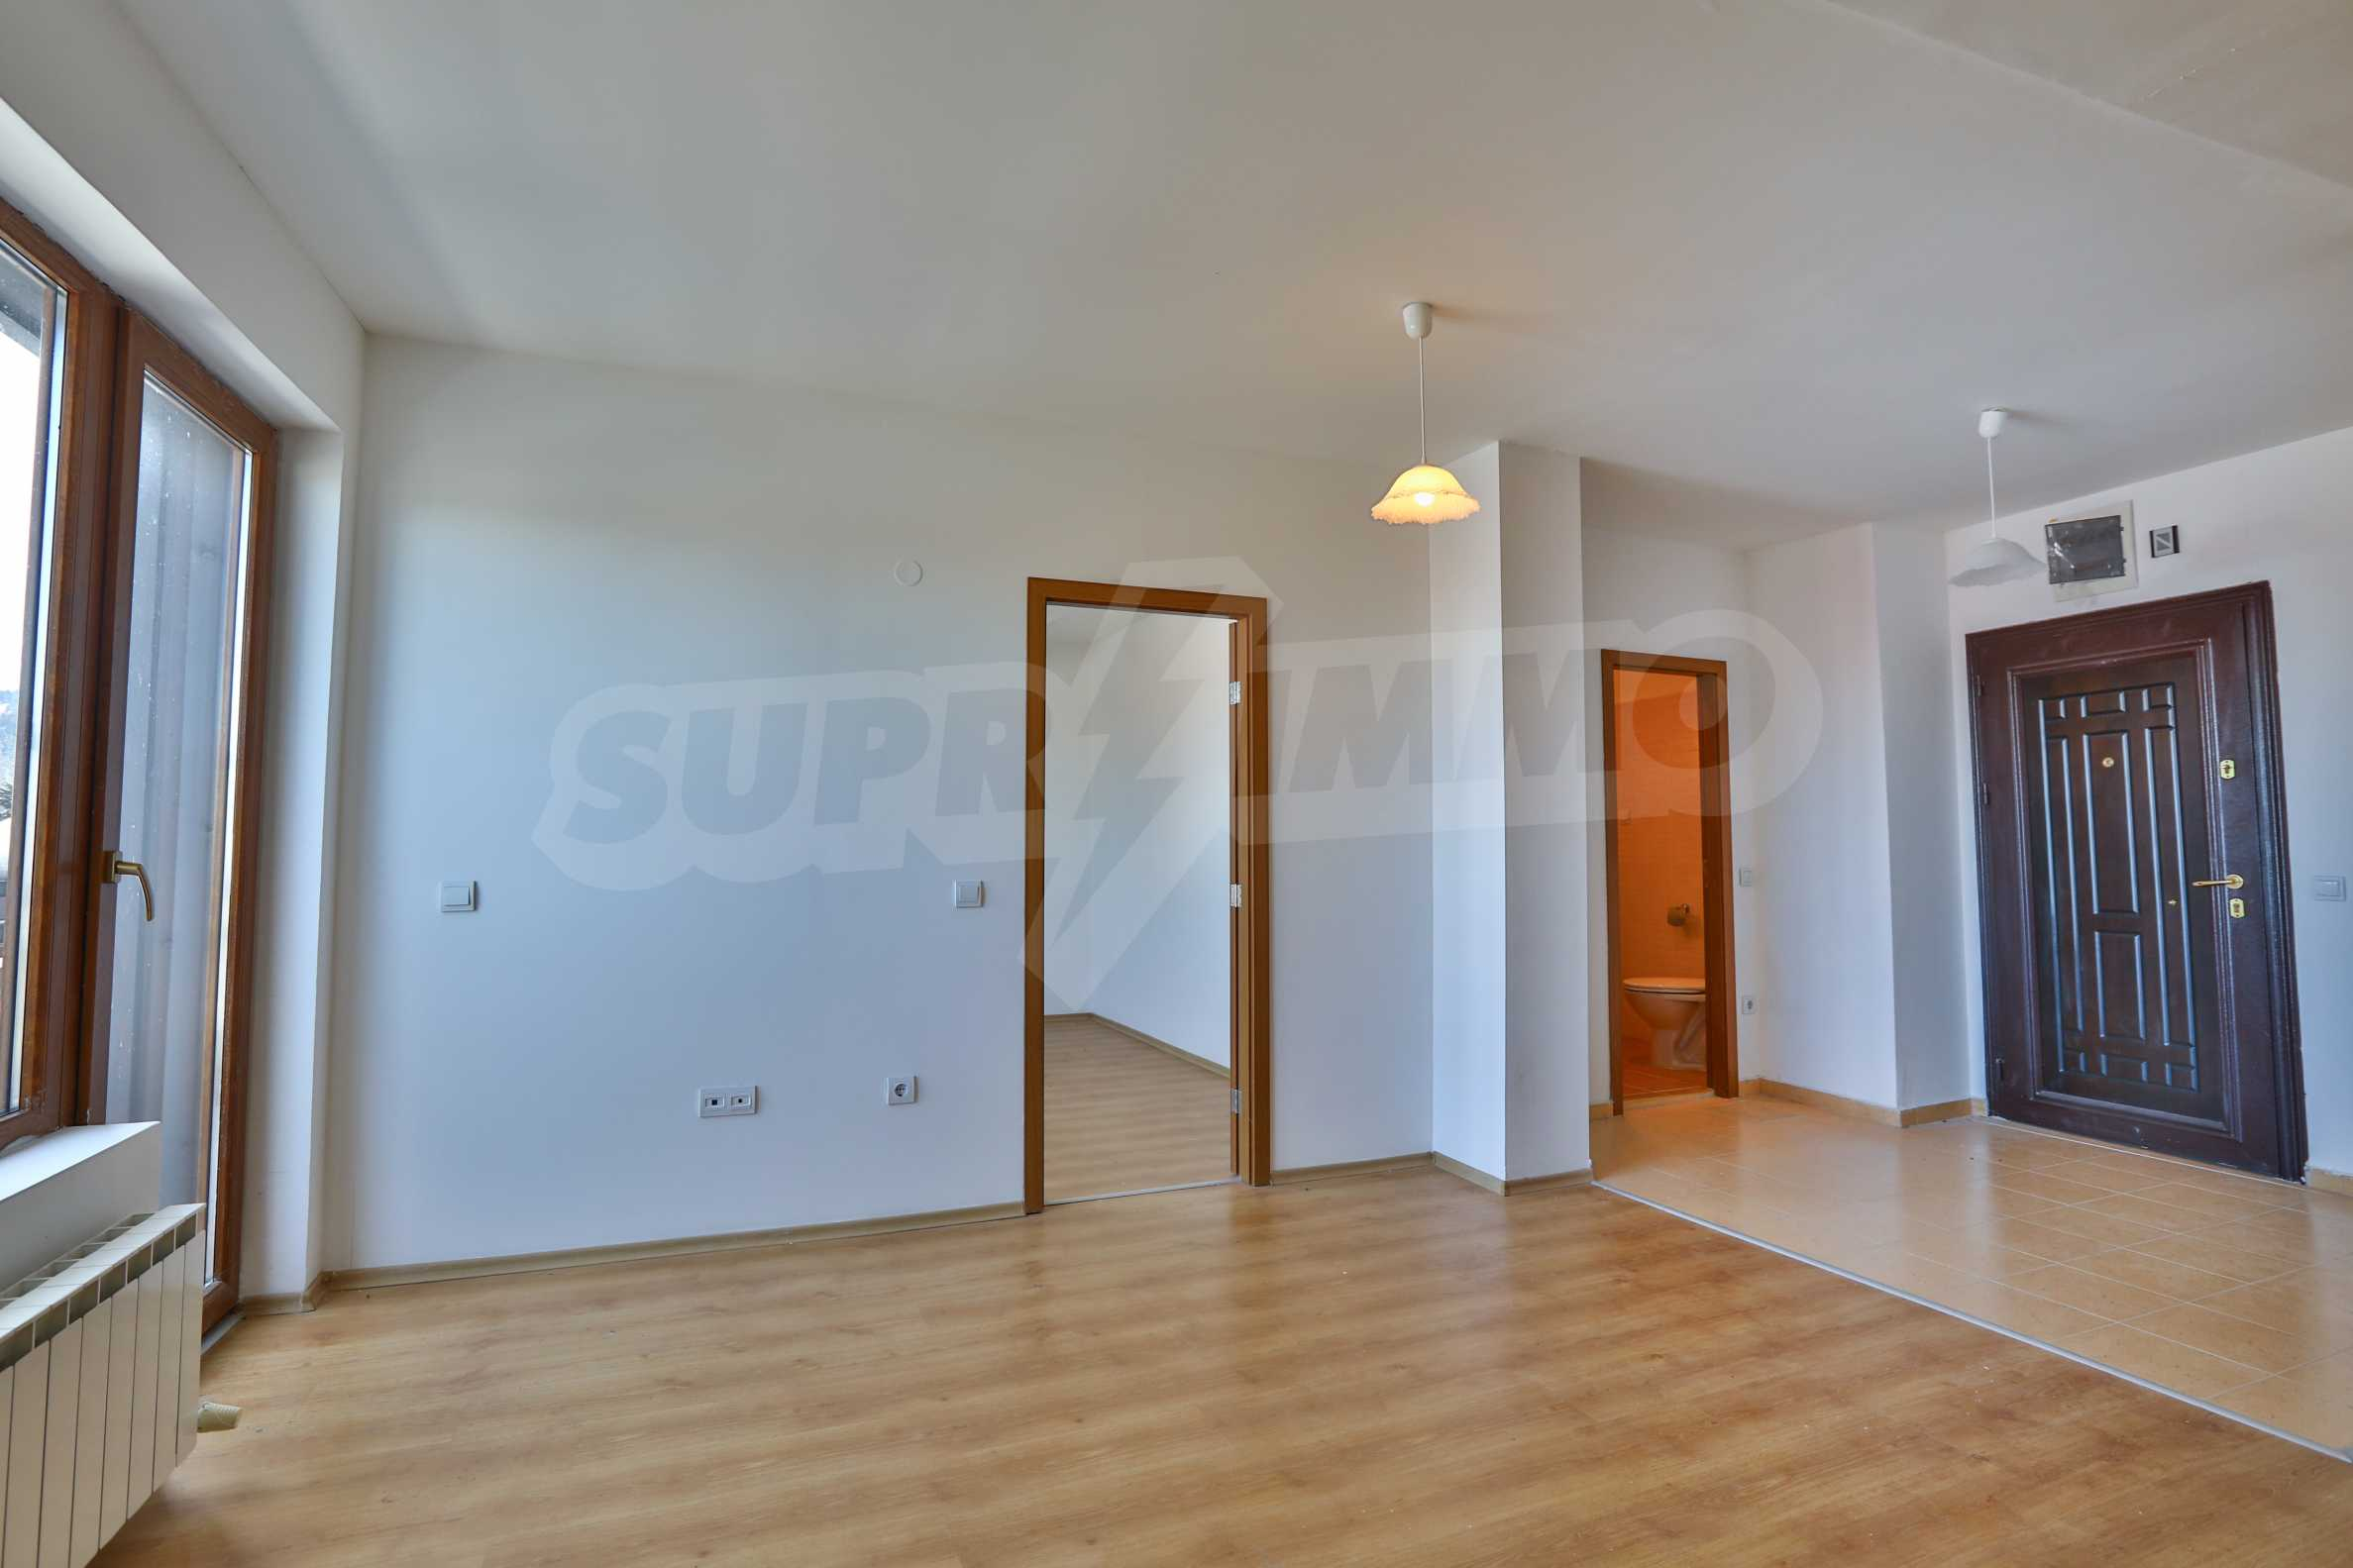 Първокласни апартаменти за продажба на метри от писта Ястребец в Боровец 9